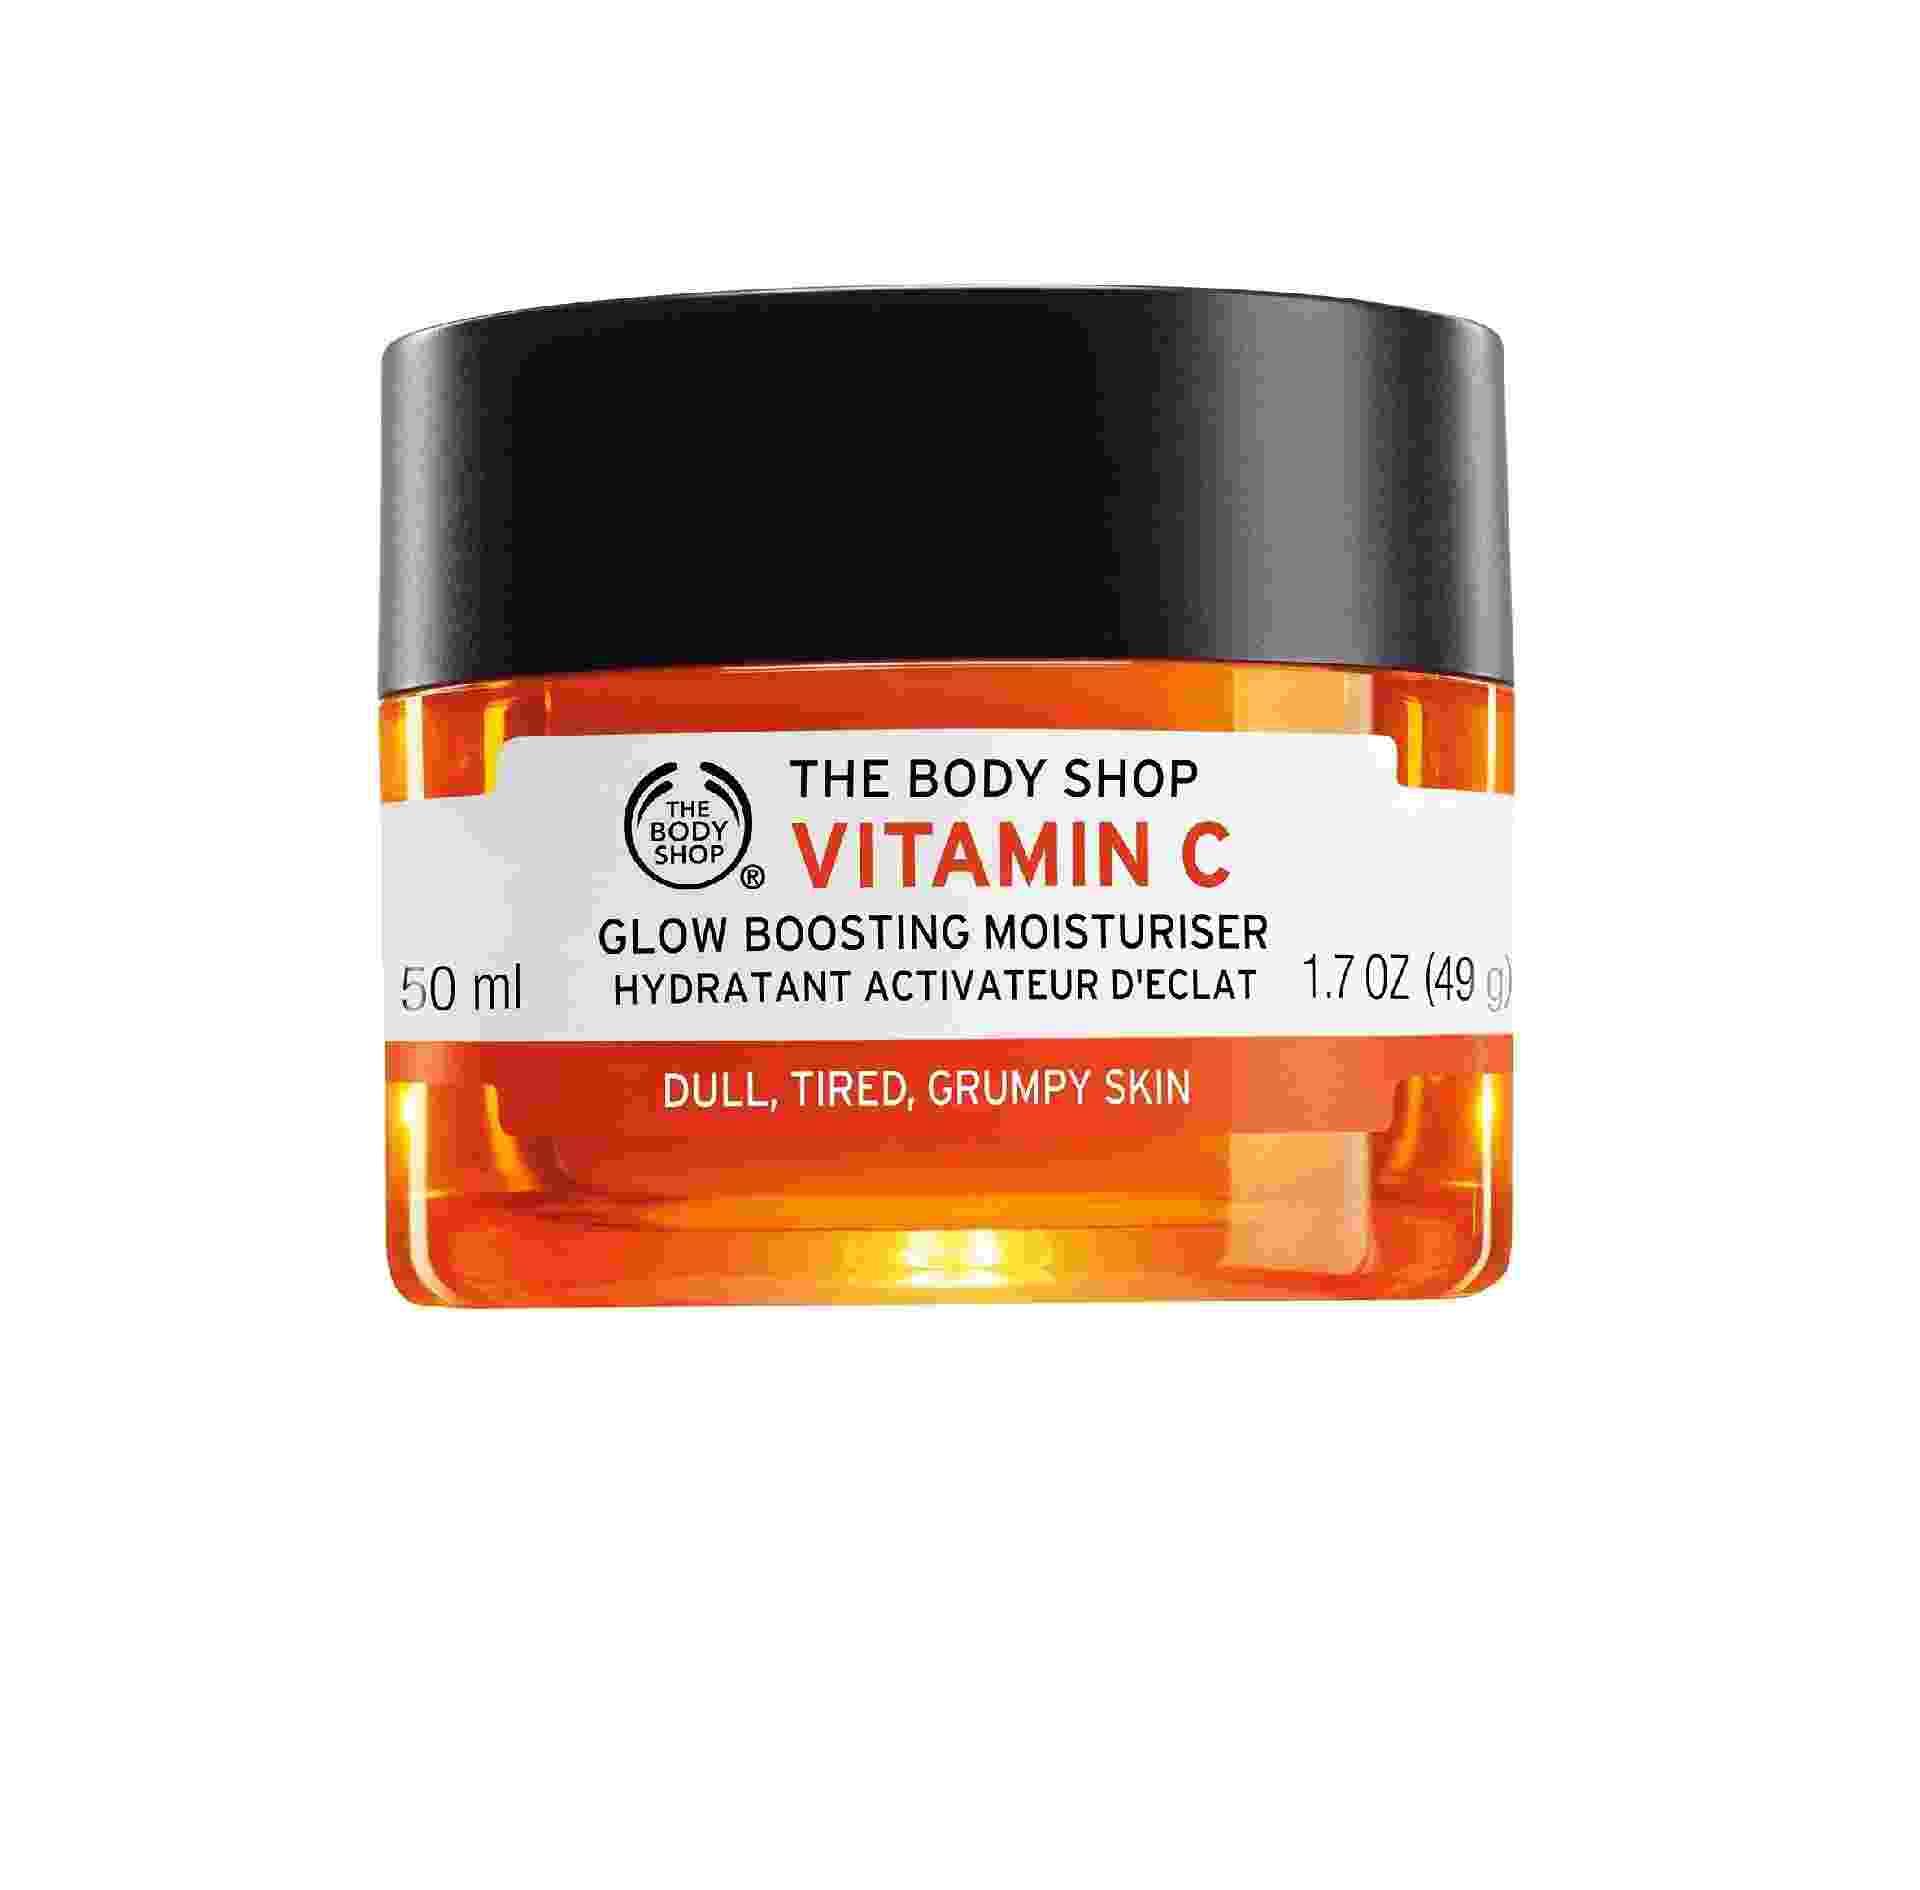 Gel Hidratante Iluminador Vitamina C, para energizar e iluminar a pele. R$ 137, The Body Shop, thebodyshop.com.br - Divulgação